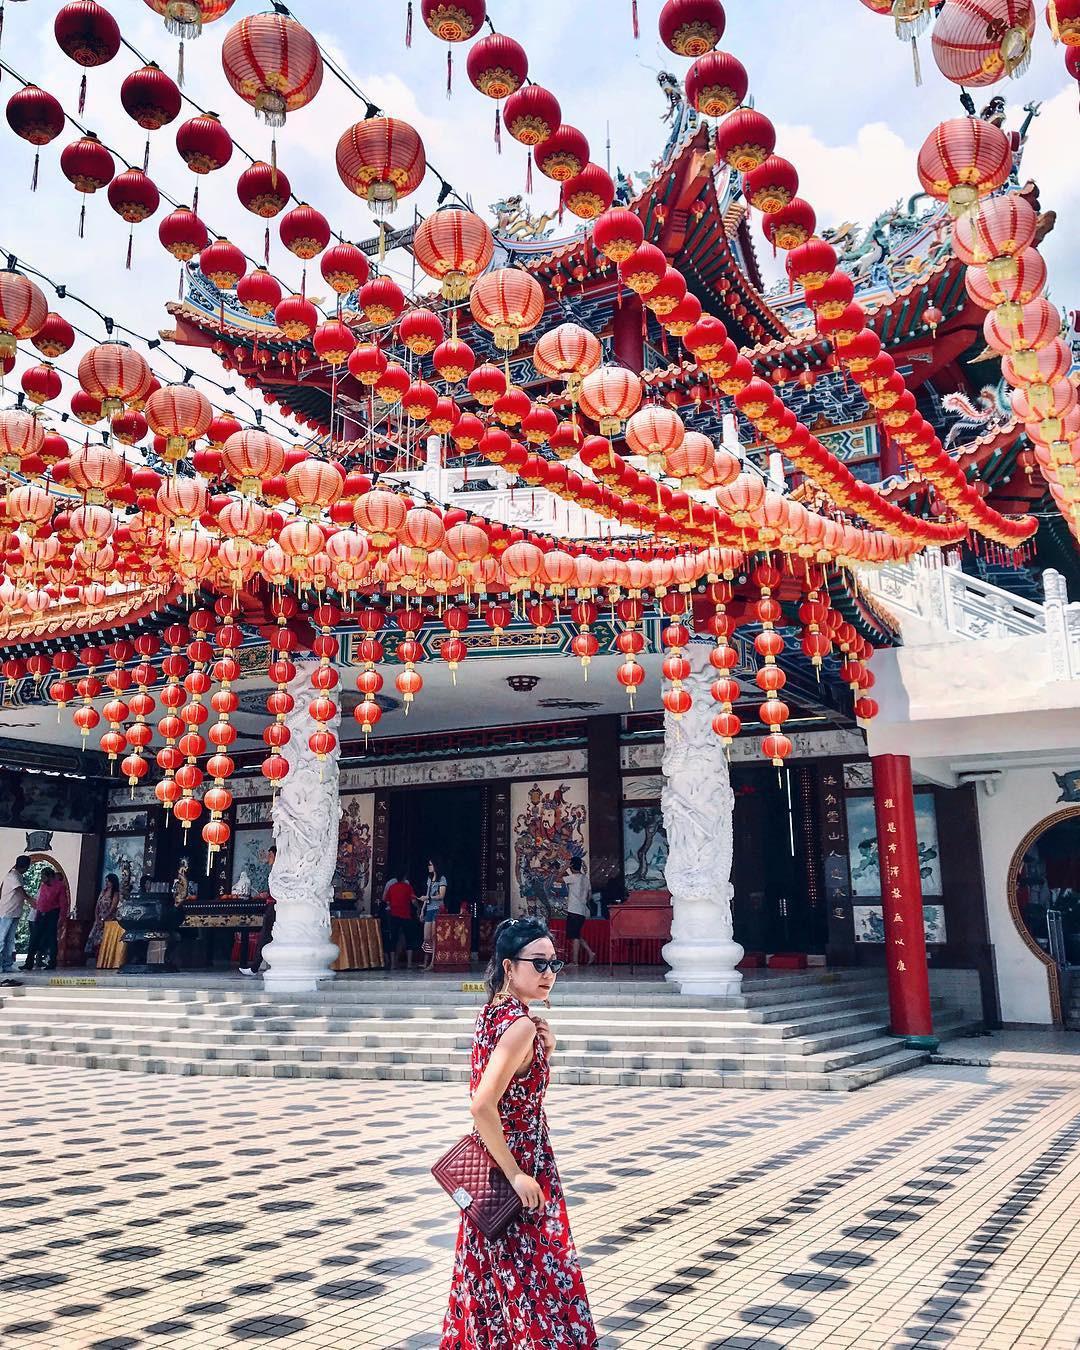 Phát hiện triệu góc check-in thần thánh ở ngôi chùa đèn lồng hot nhất Kuala Lumpur - Ảnh 6.